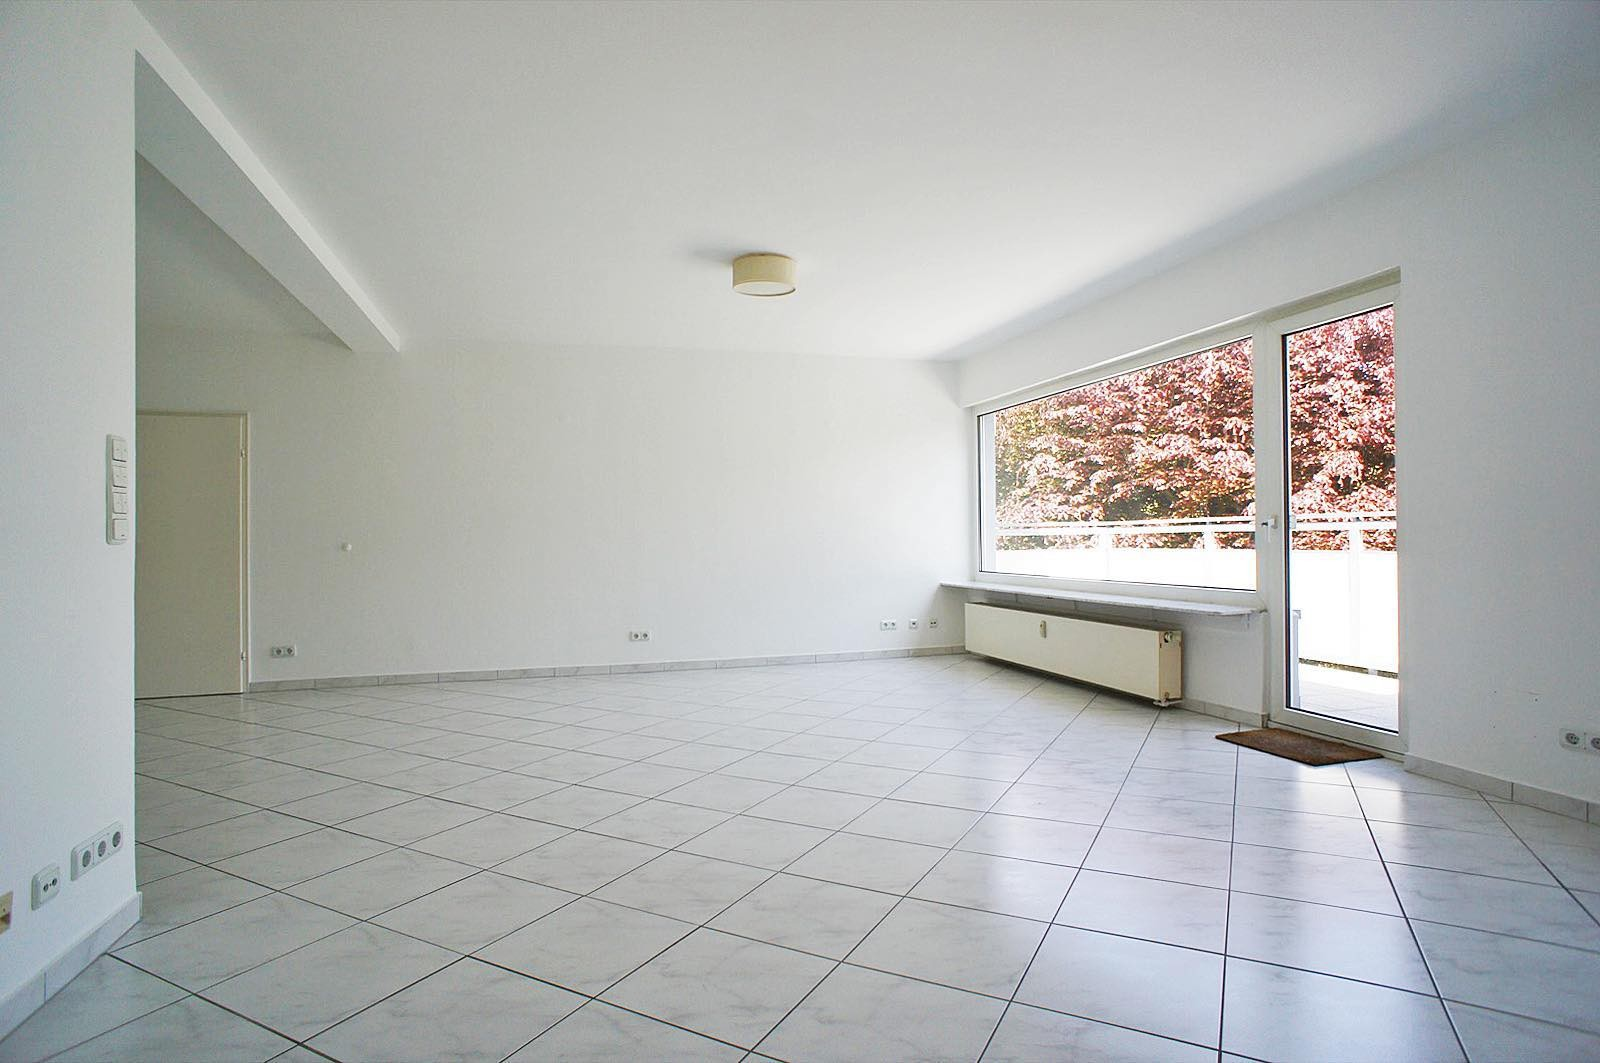 Wohnzimmer Wohnung Komponistenviertel